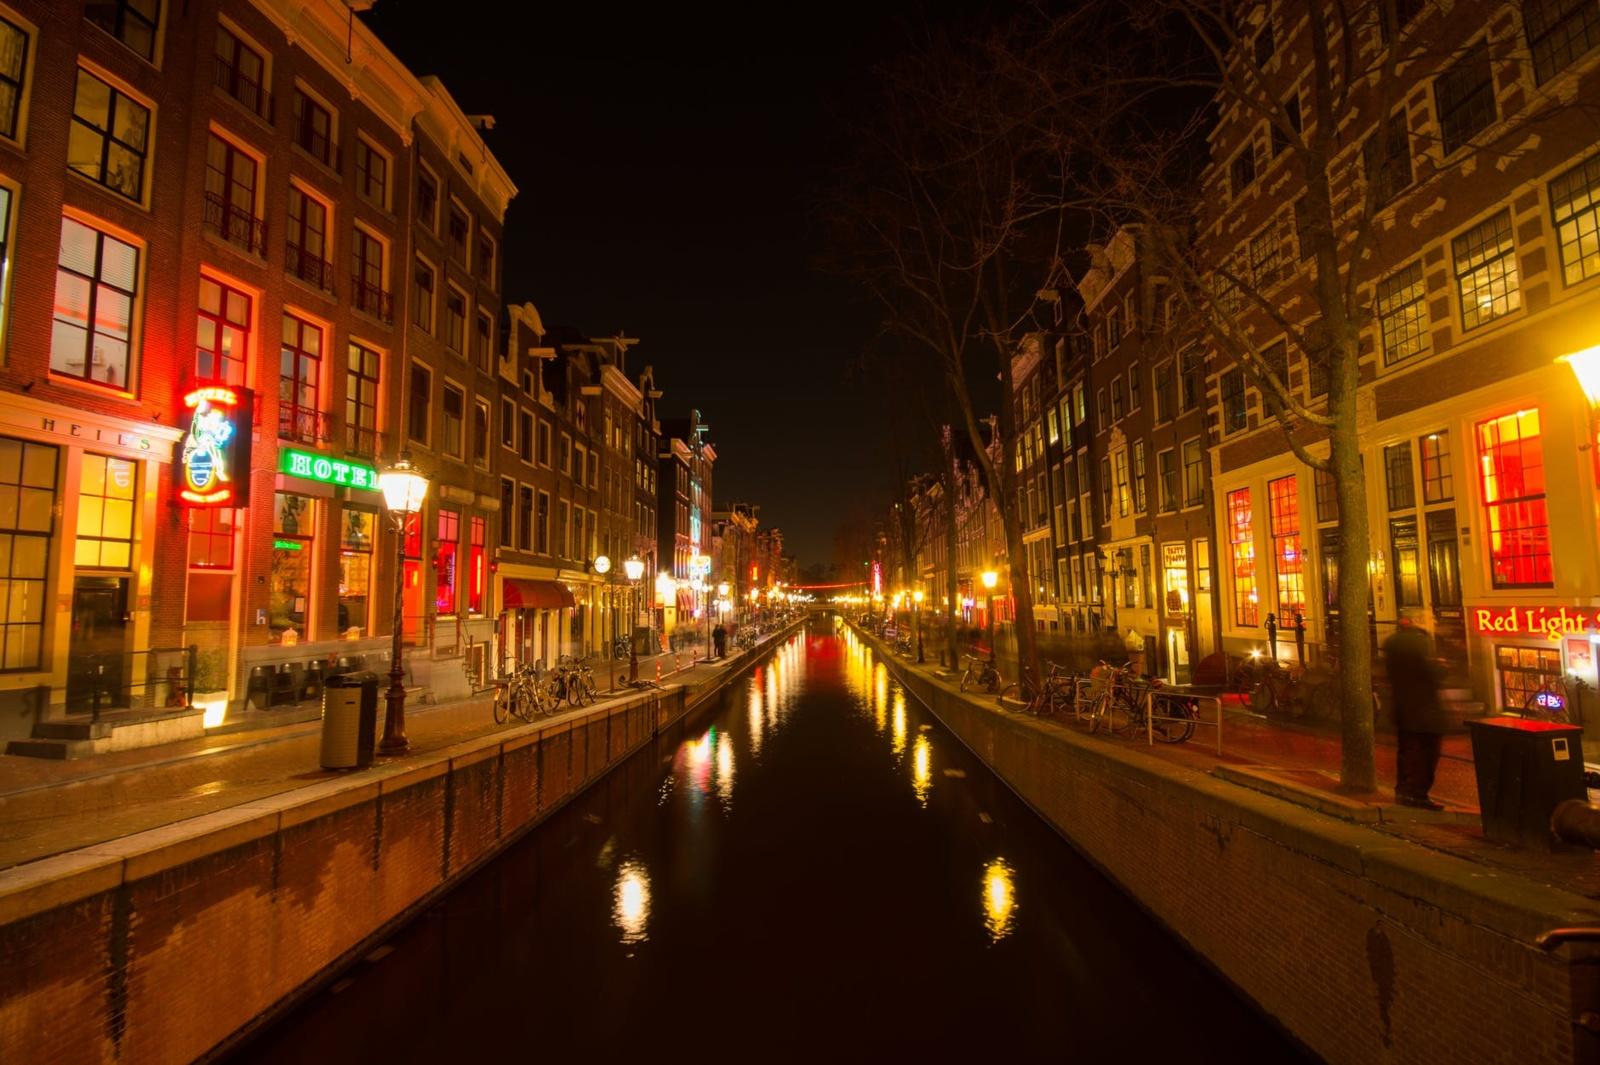 Nyderlanduose prostitučių amžiaus cenzas didinamas iki 21 metų